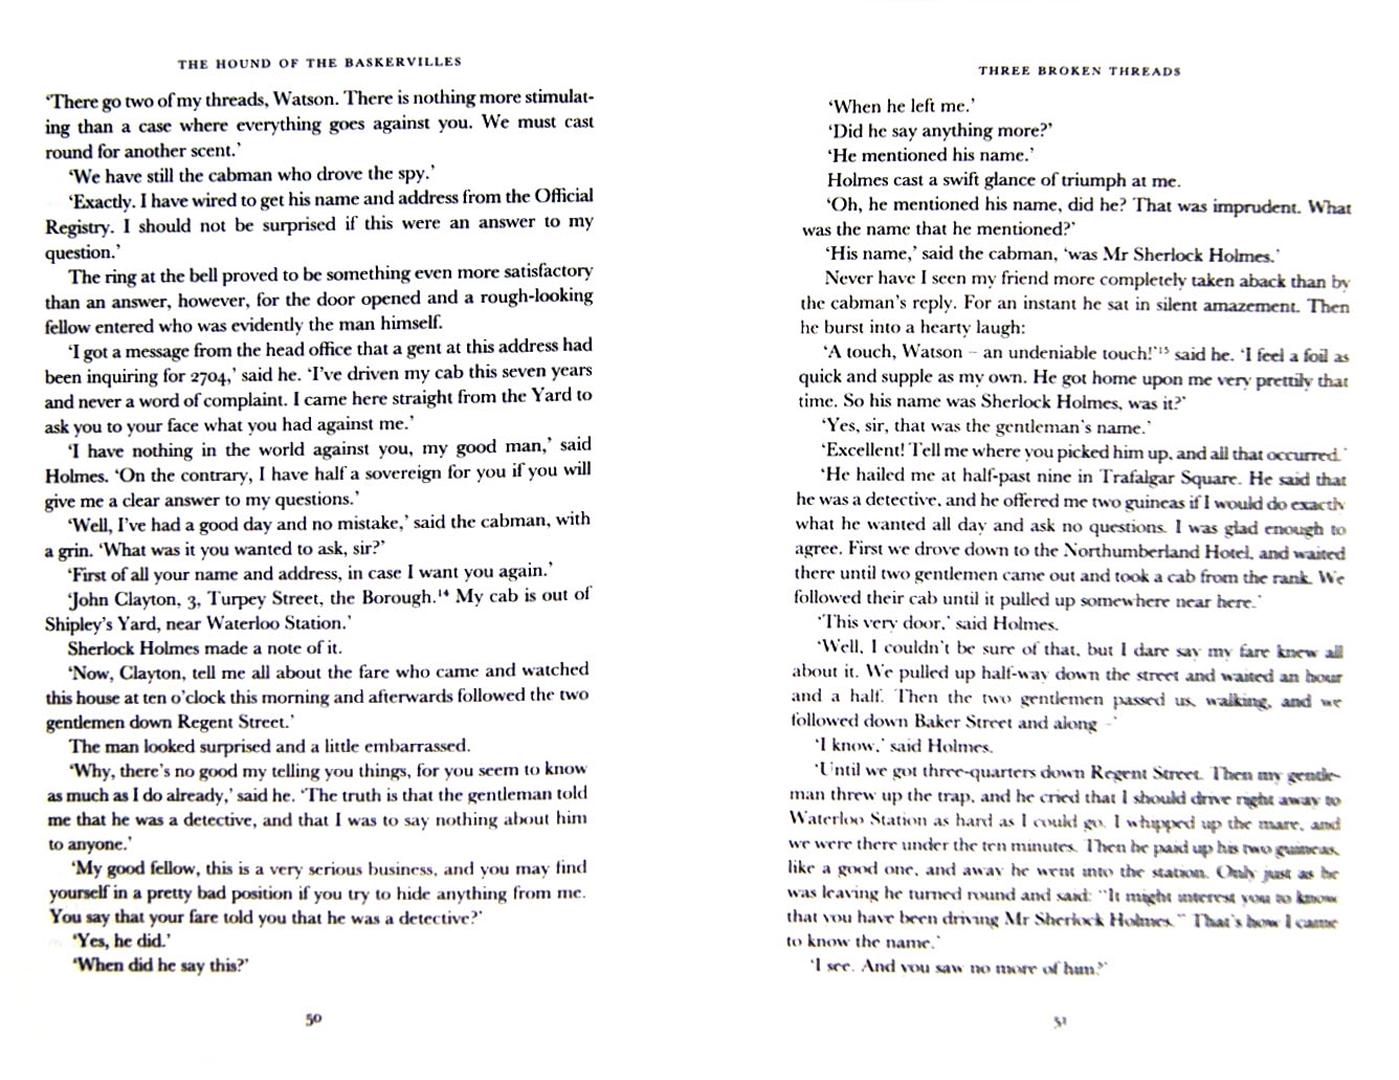 Иллюстрация 1 из 5 для The Hound of the Baskervilles - Arthur Doyle | Лабиринт - книги. Источник: Лабиринт